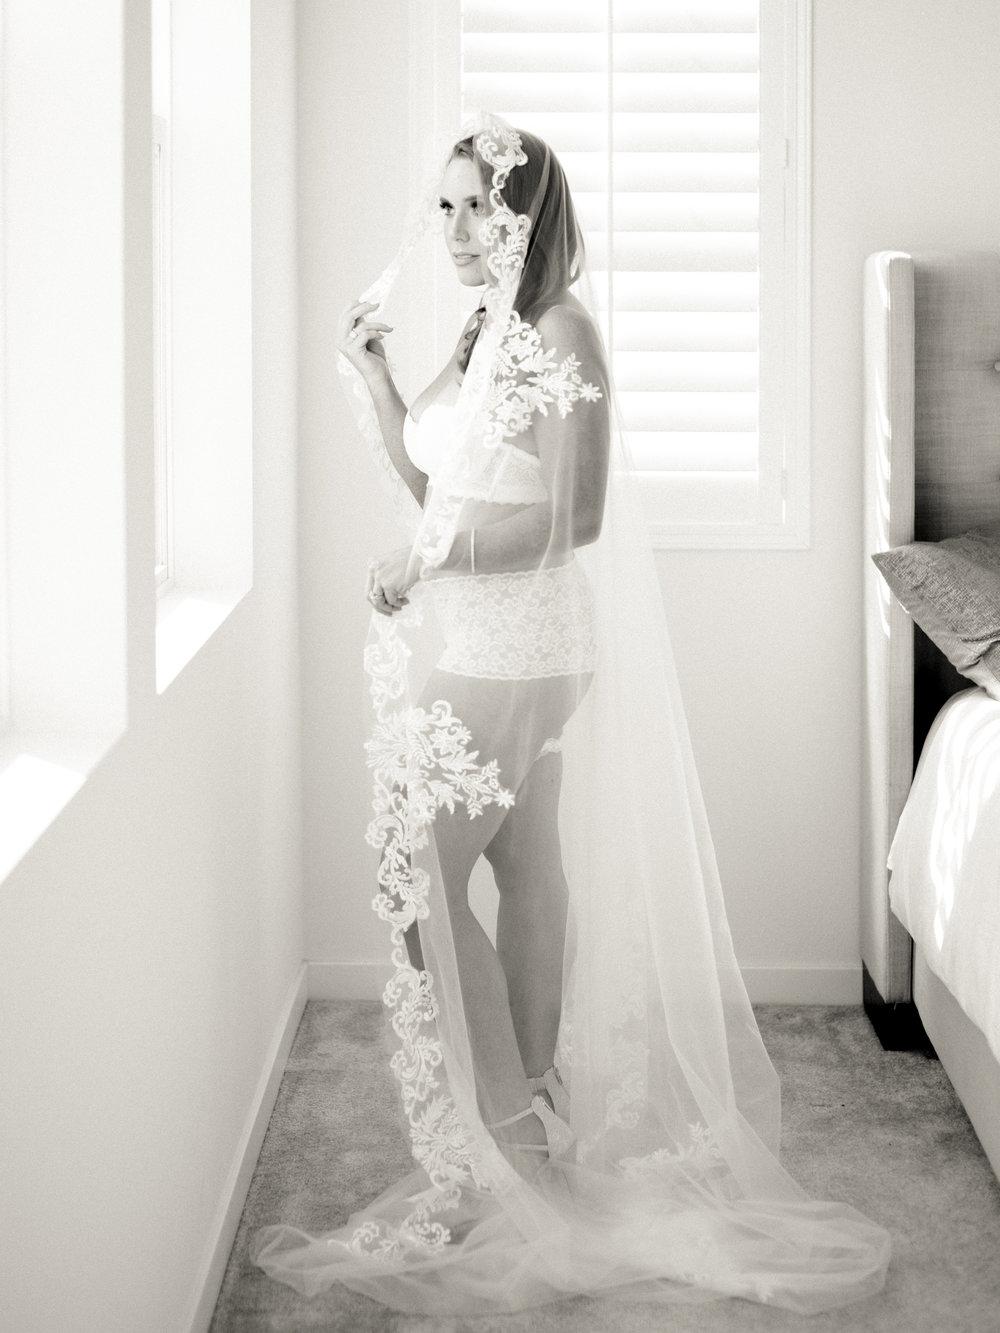 dennisroycoronel_bridal_boudoir_orangecounty_losangeles_photographer-45.jpg